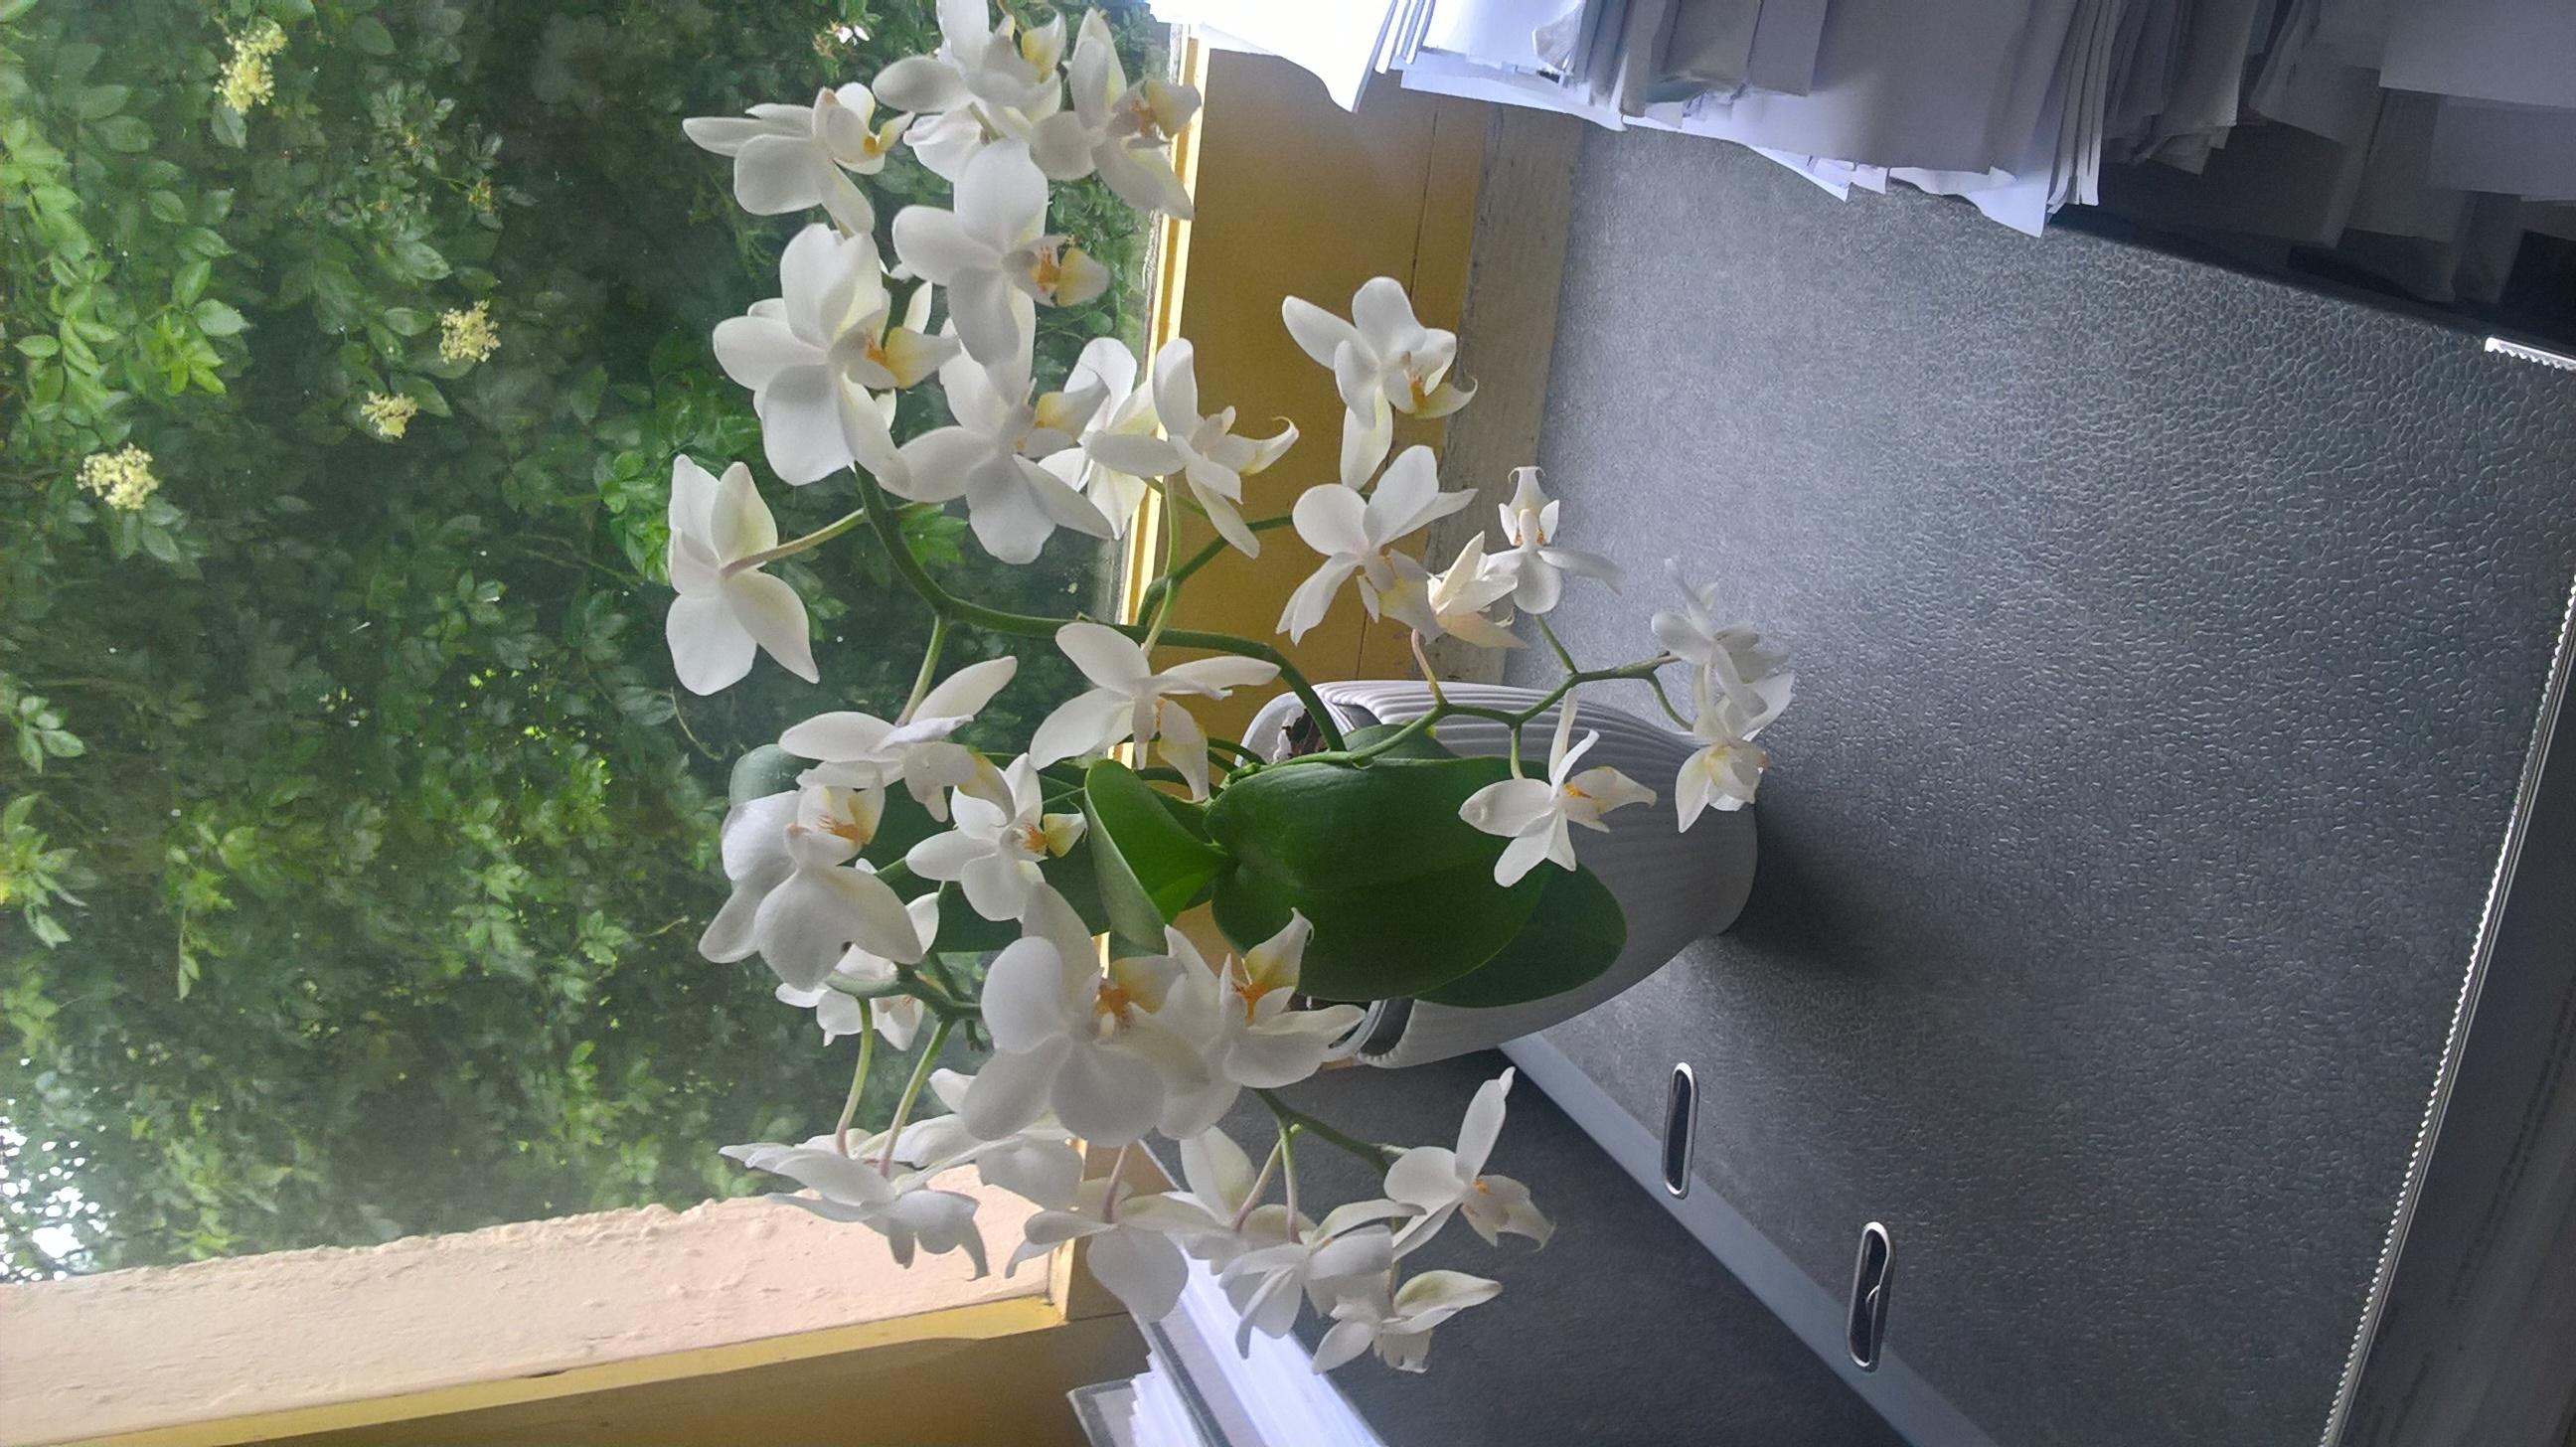 les orchidées d'Edith - Page 3 632077WP20160616181657Pro